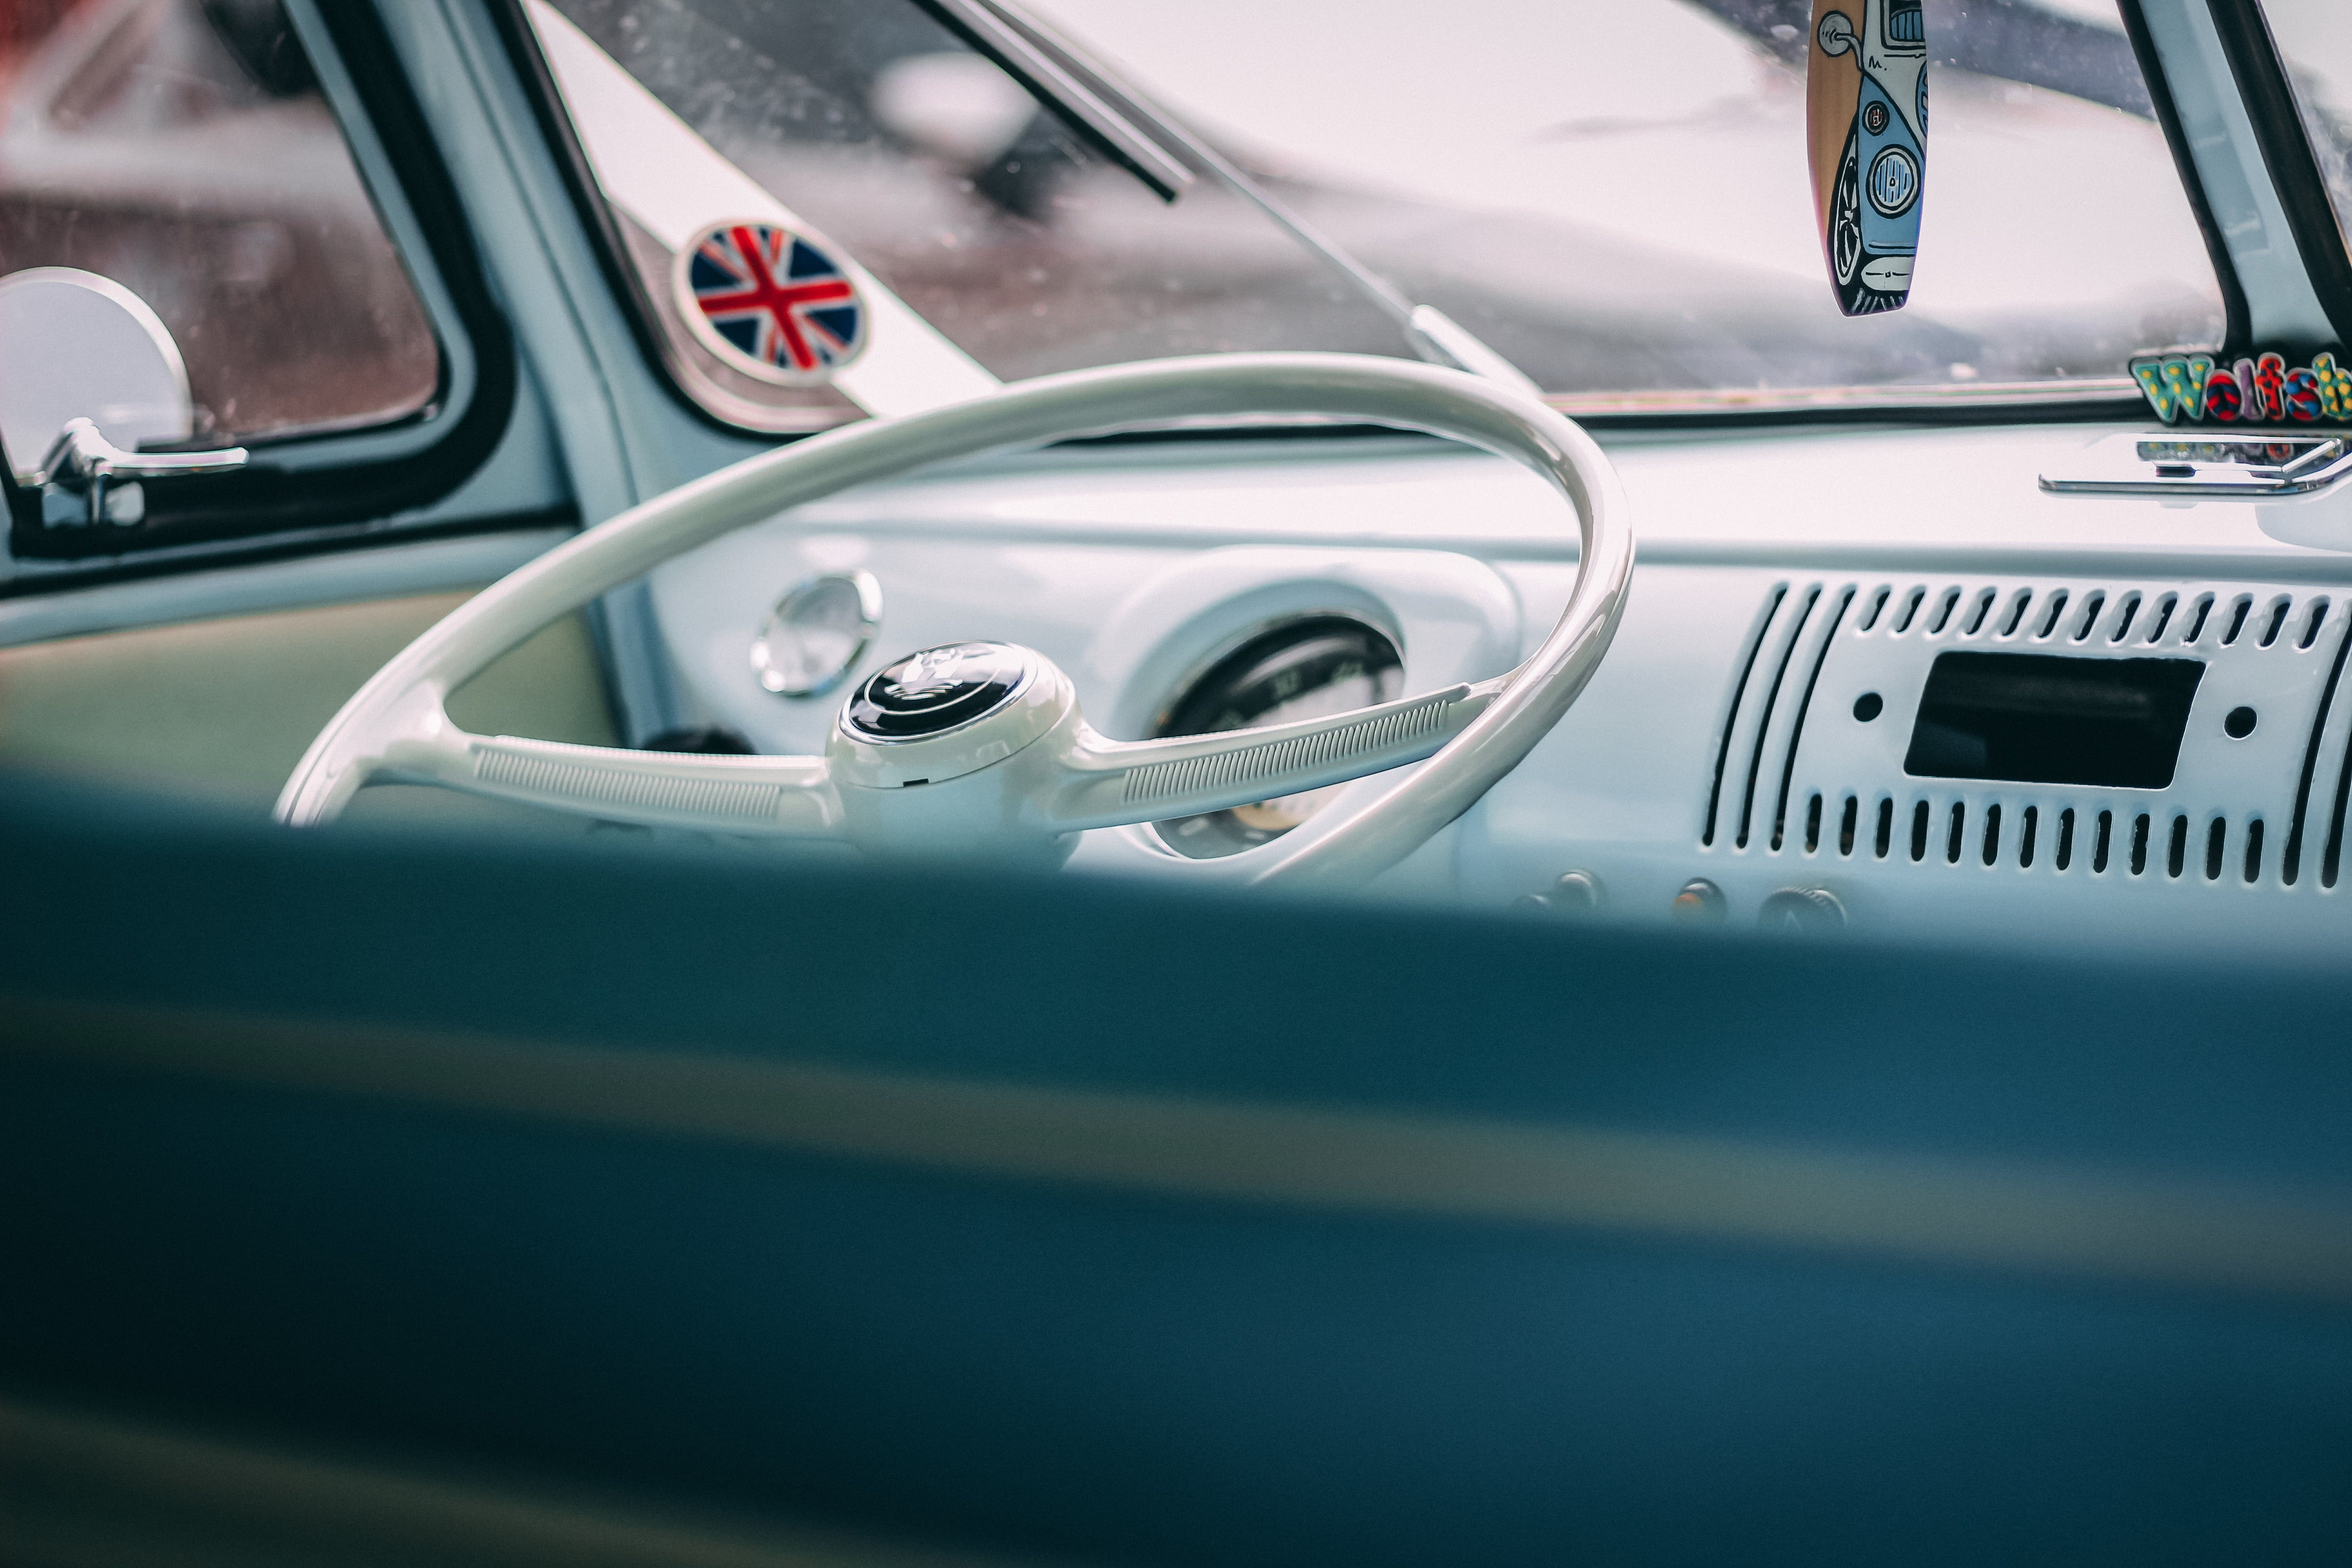 Kostnadsfri bild av bilinteriör, design, fordon, hastighetsmätare